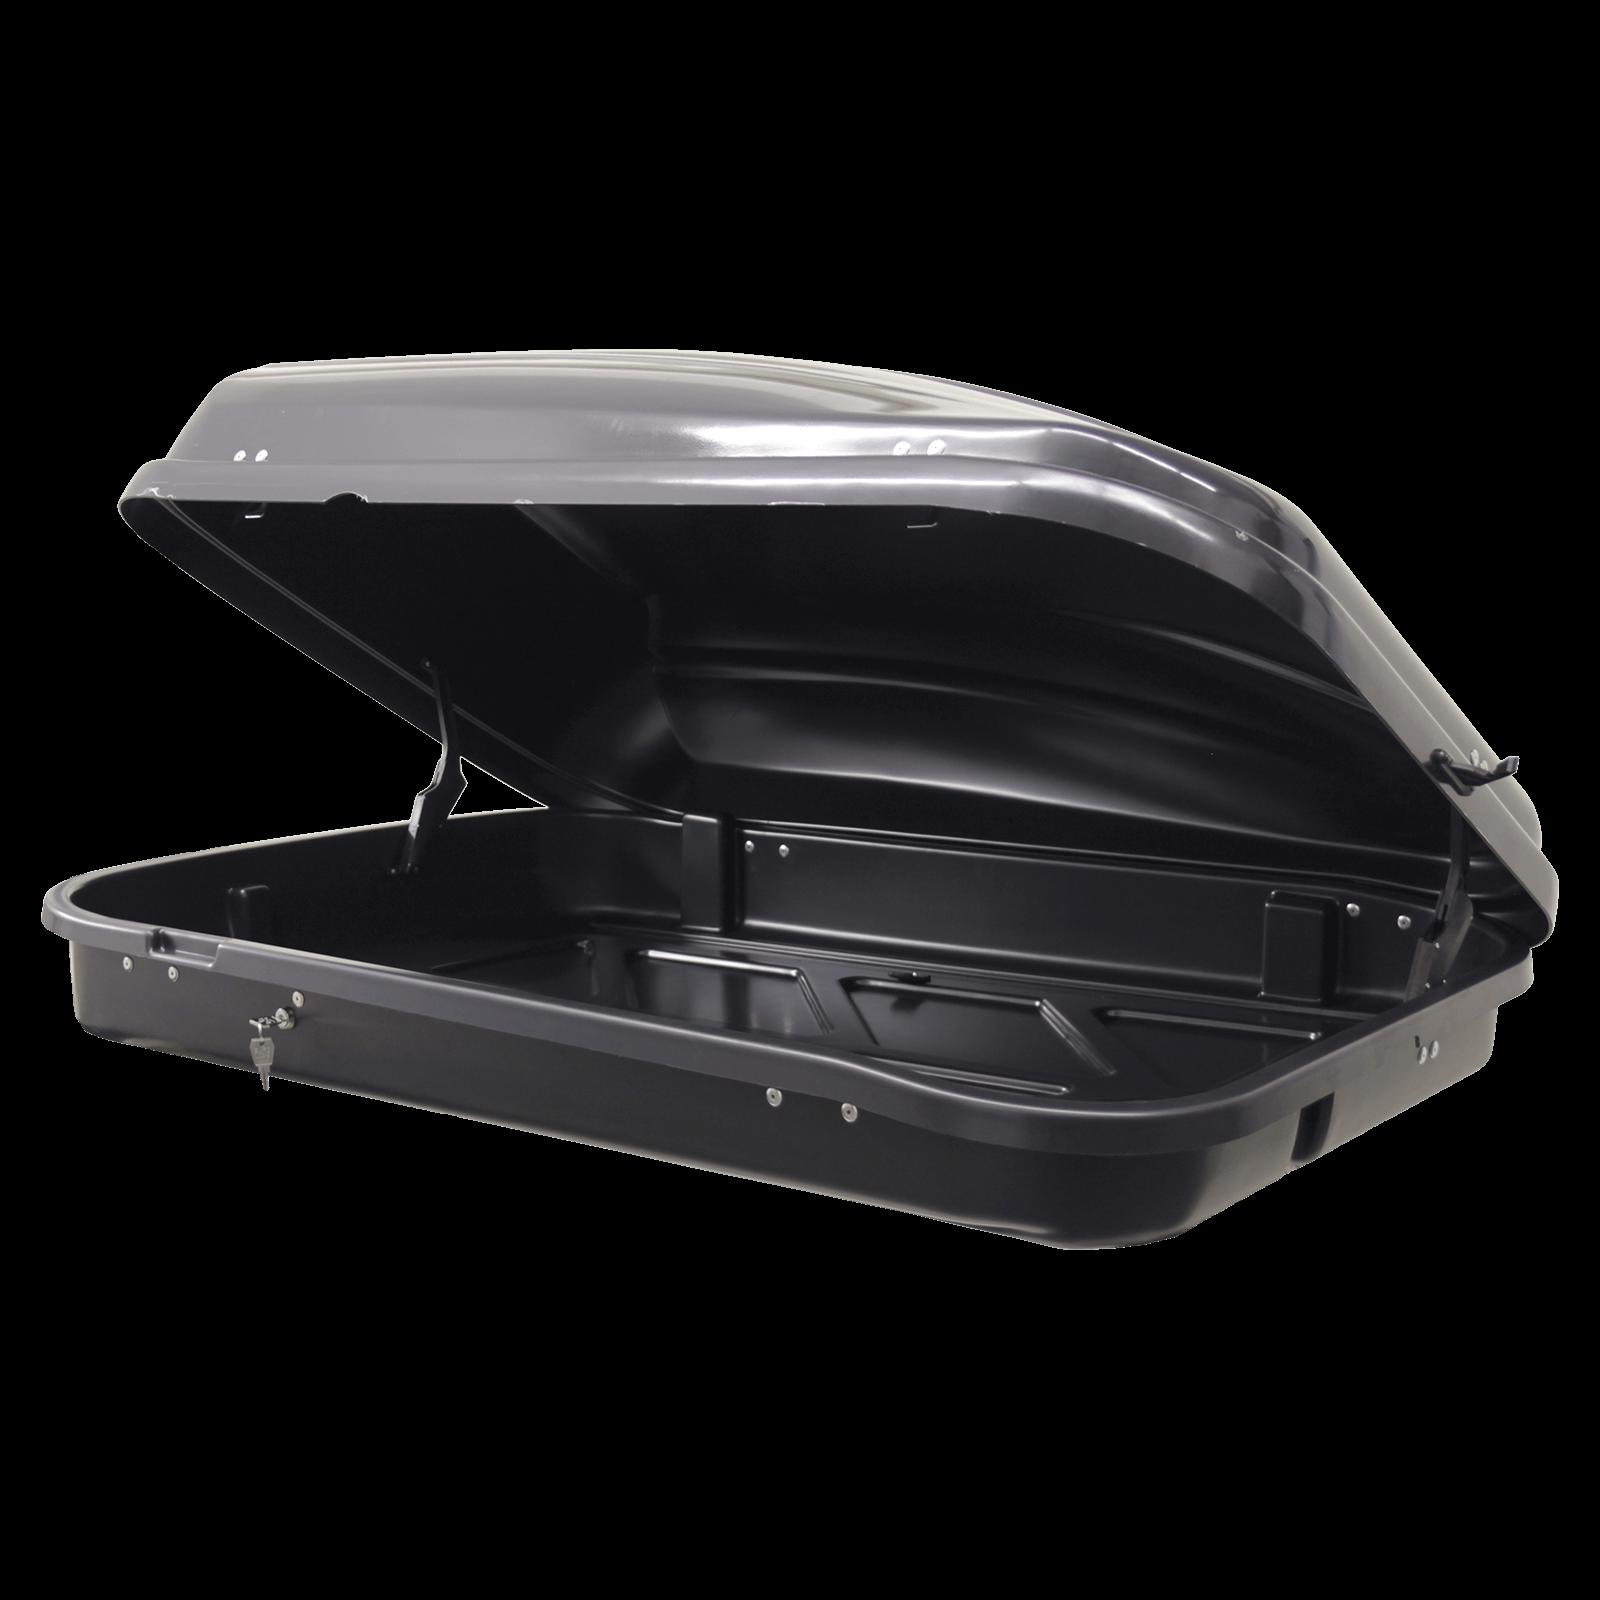 Dachbox Junior PRE 420 schwarz glänzend - Bild 2